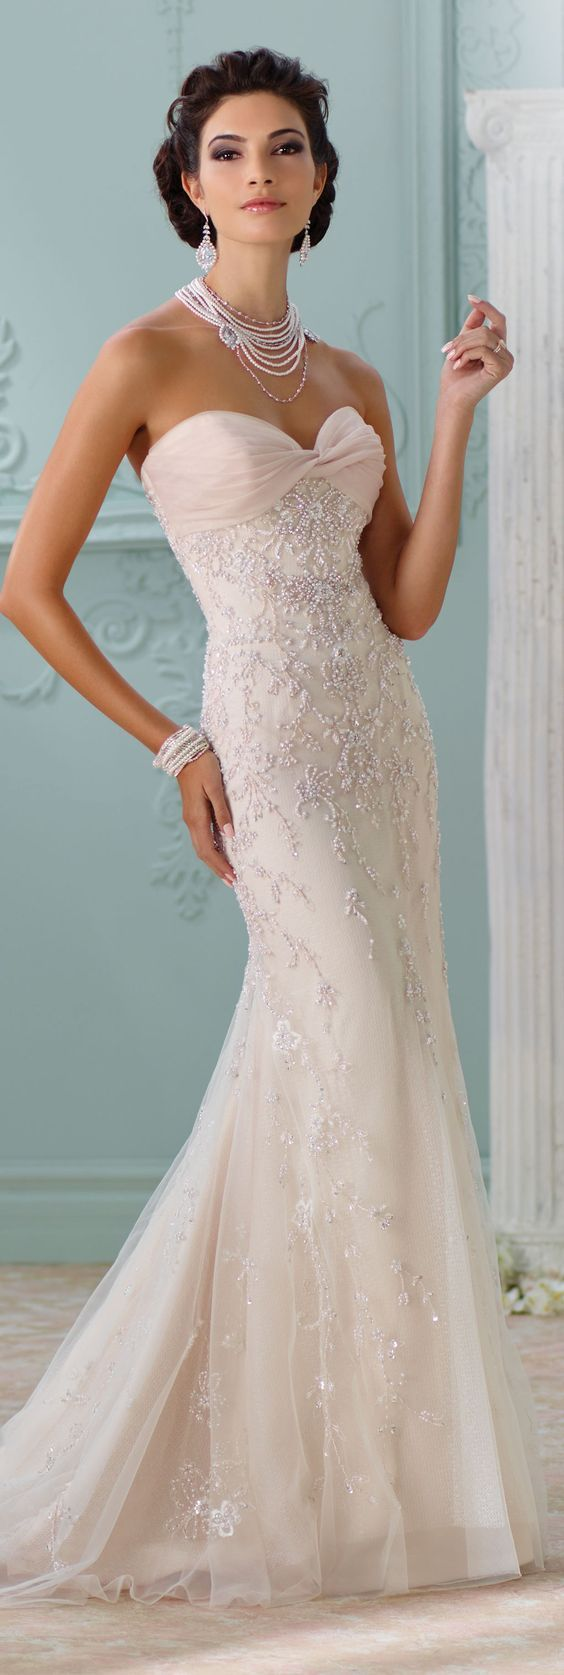 photo robe de mariée créateur pas cher 137 et plus encore sur www.robe2mariage.eu